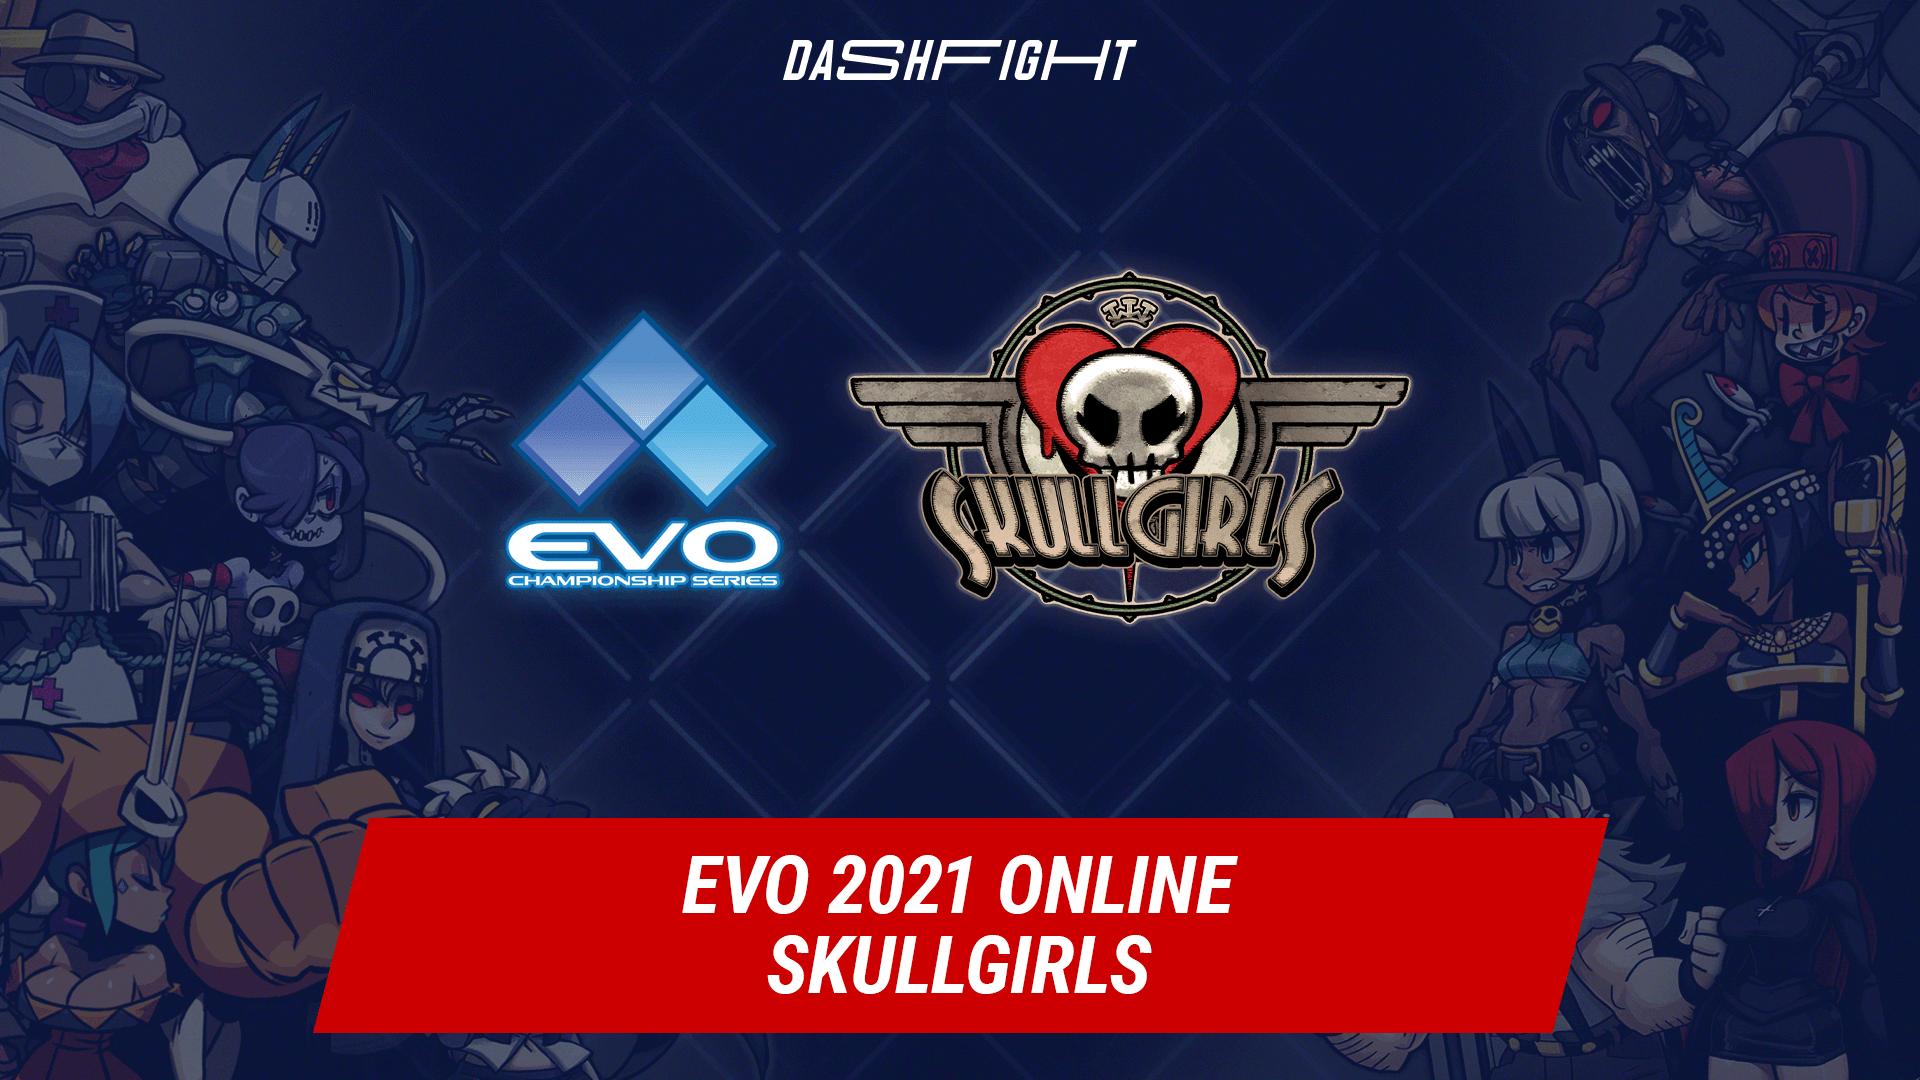 Evo 2021 Online Skullgirls: Schedule, Brackets, and Results